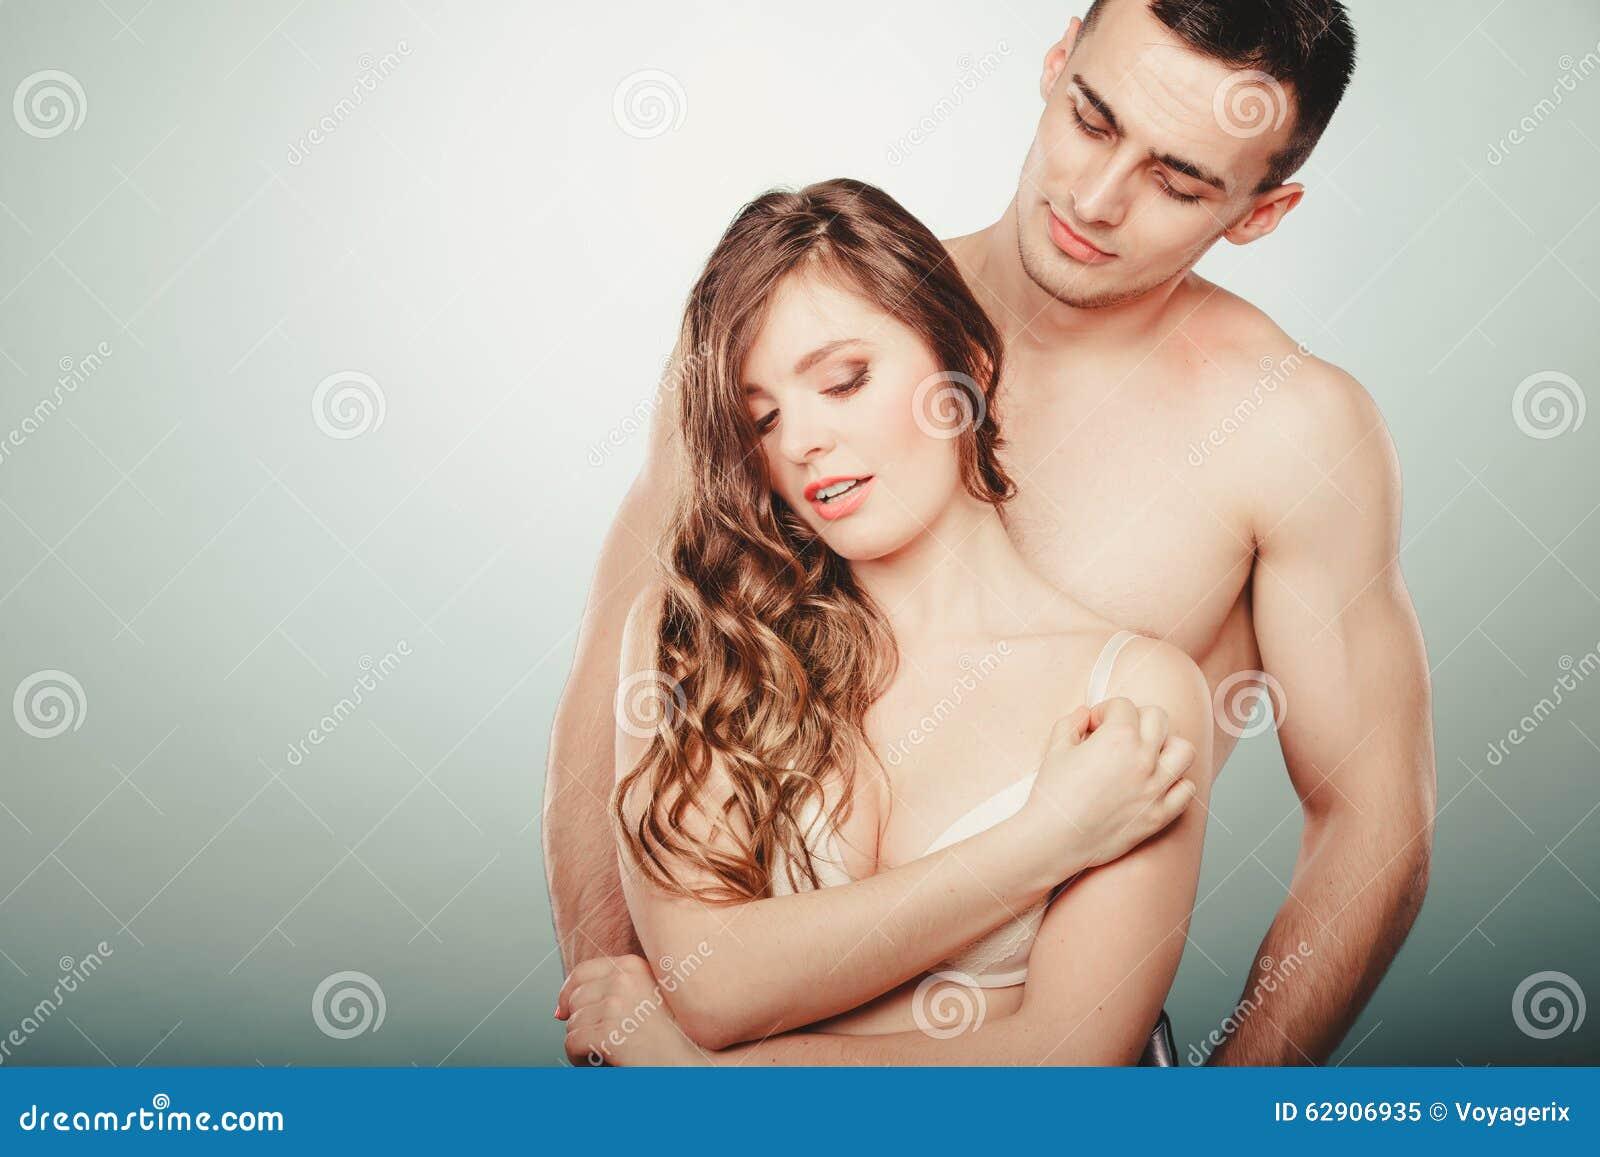 hartstochtelijk massage naakt in Maasbommel